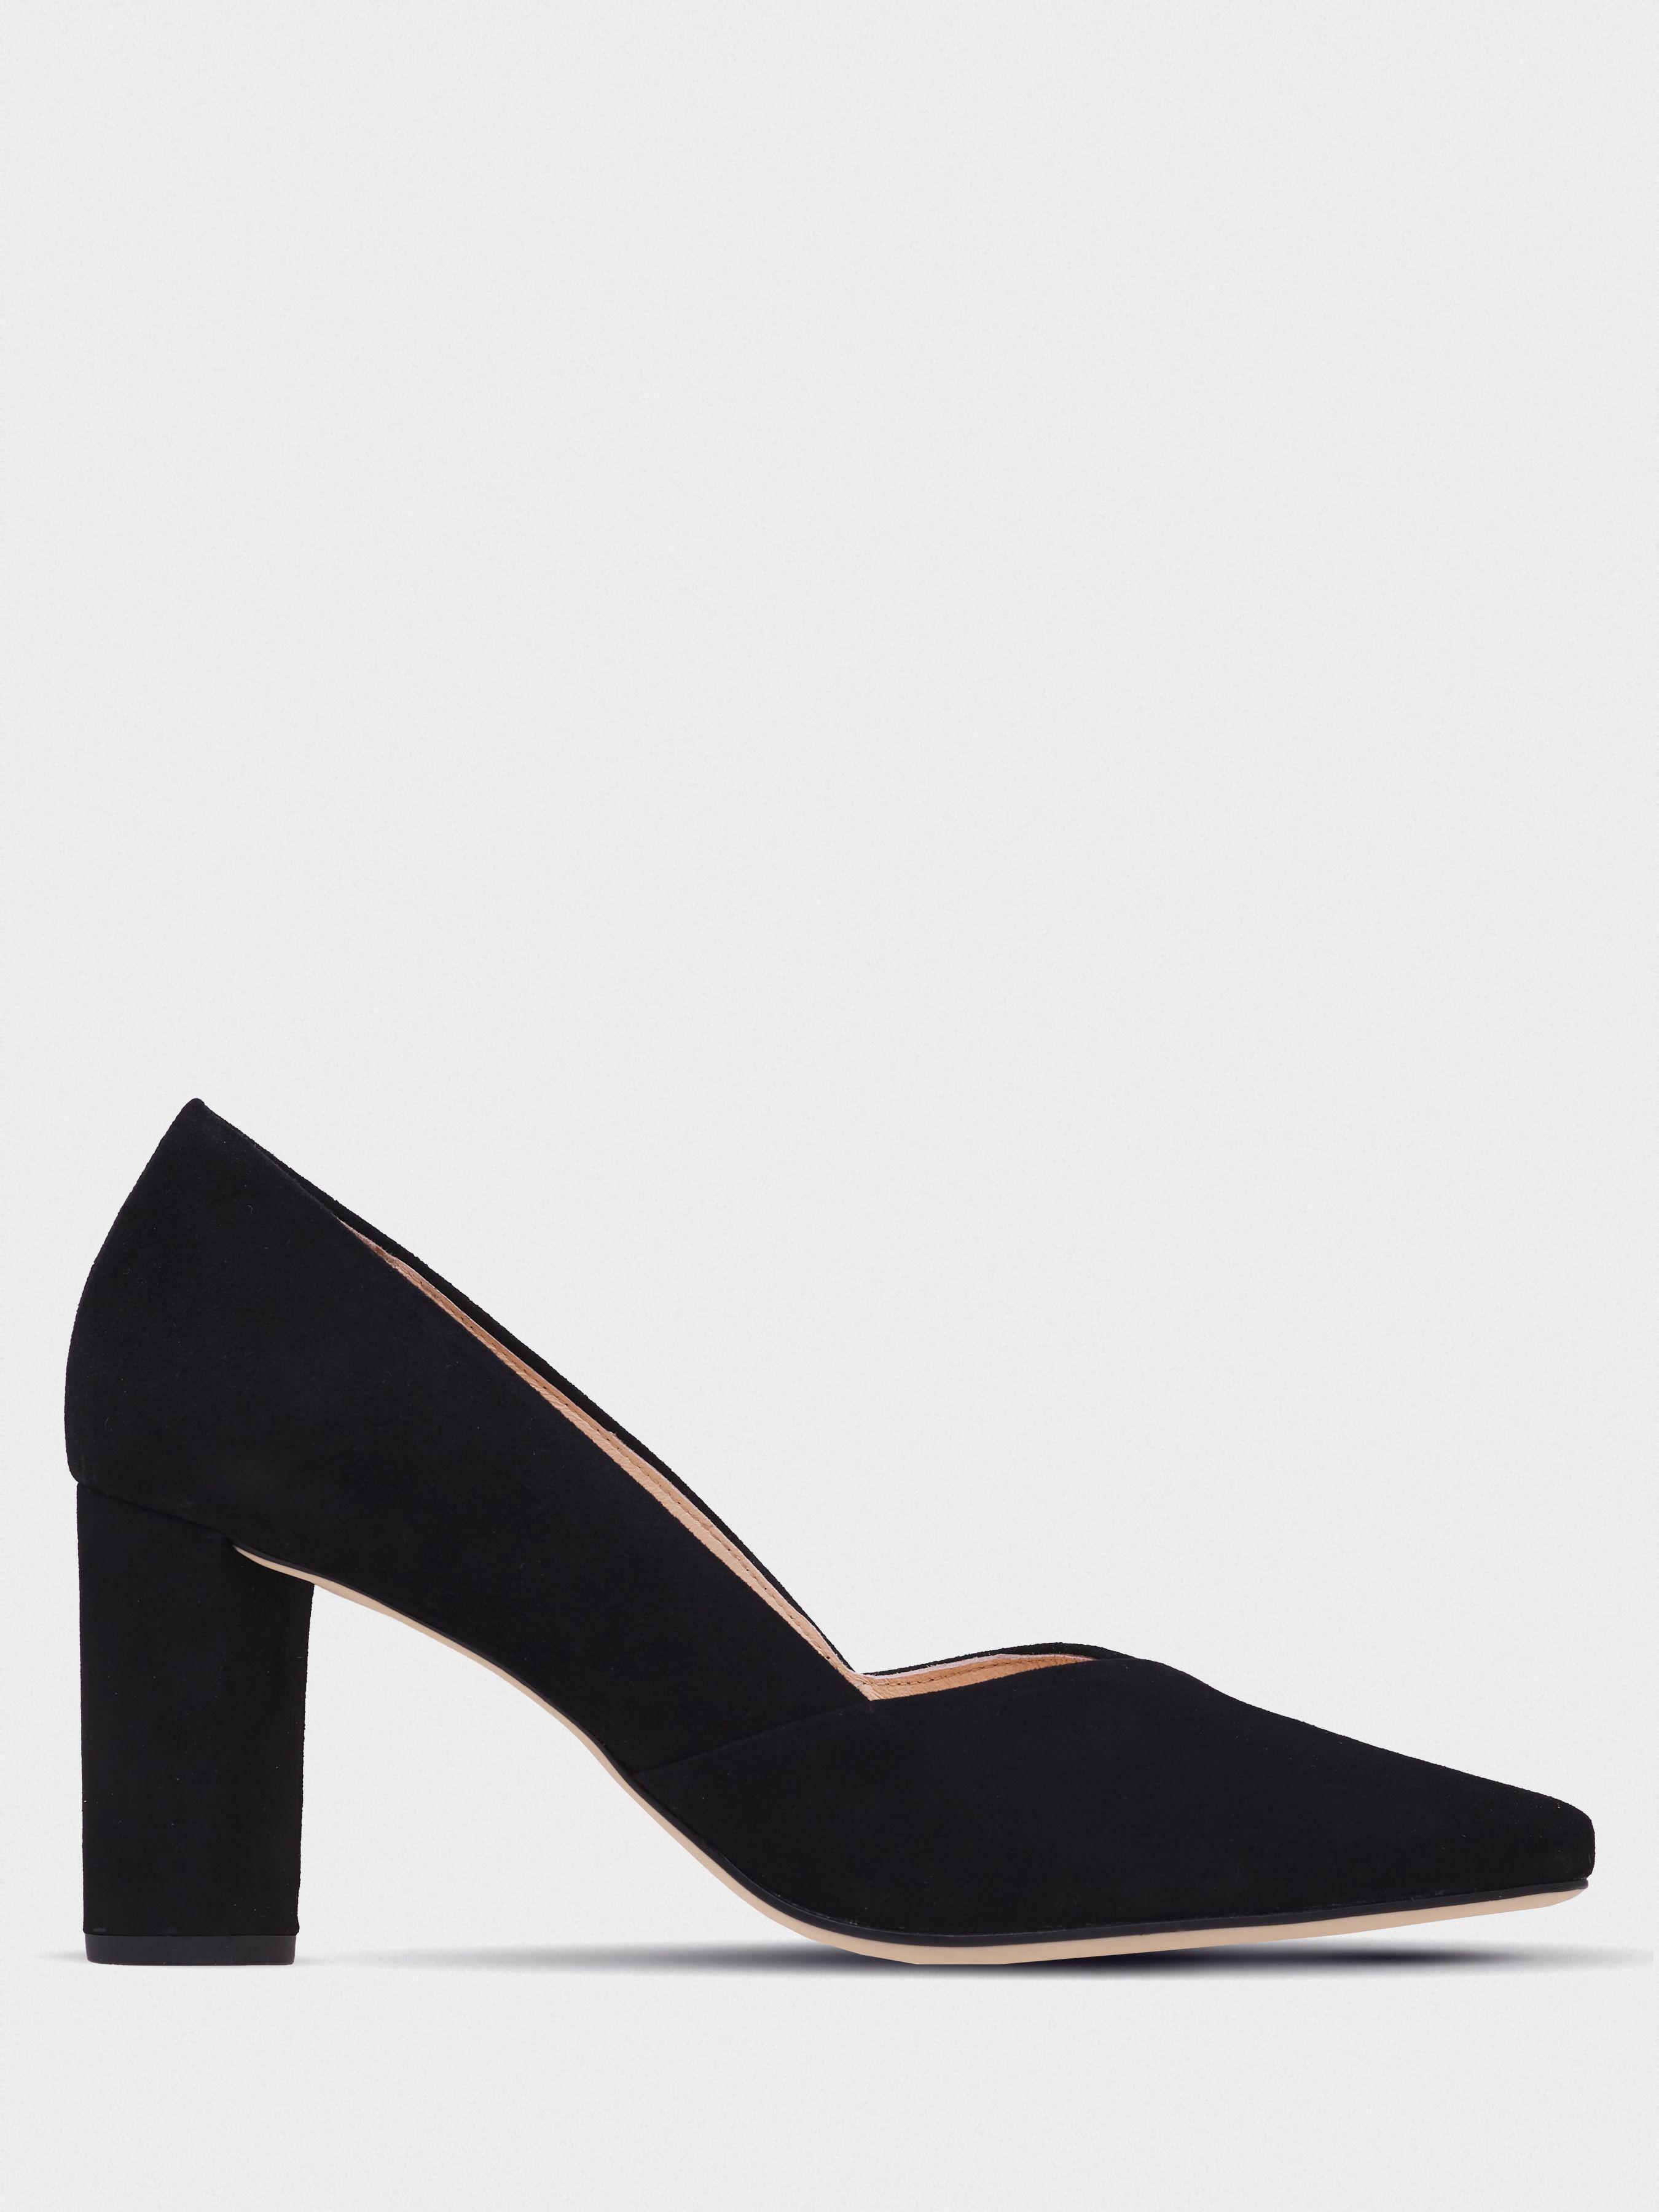 Купить Туфли женские Hogl YN4025, Черный